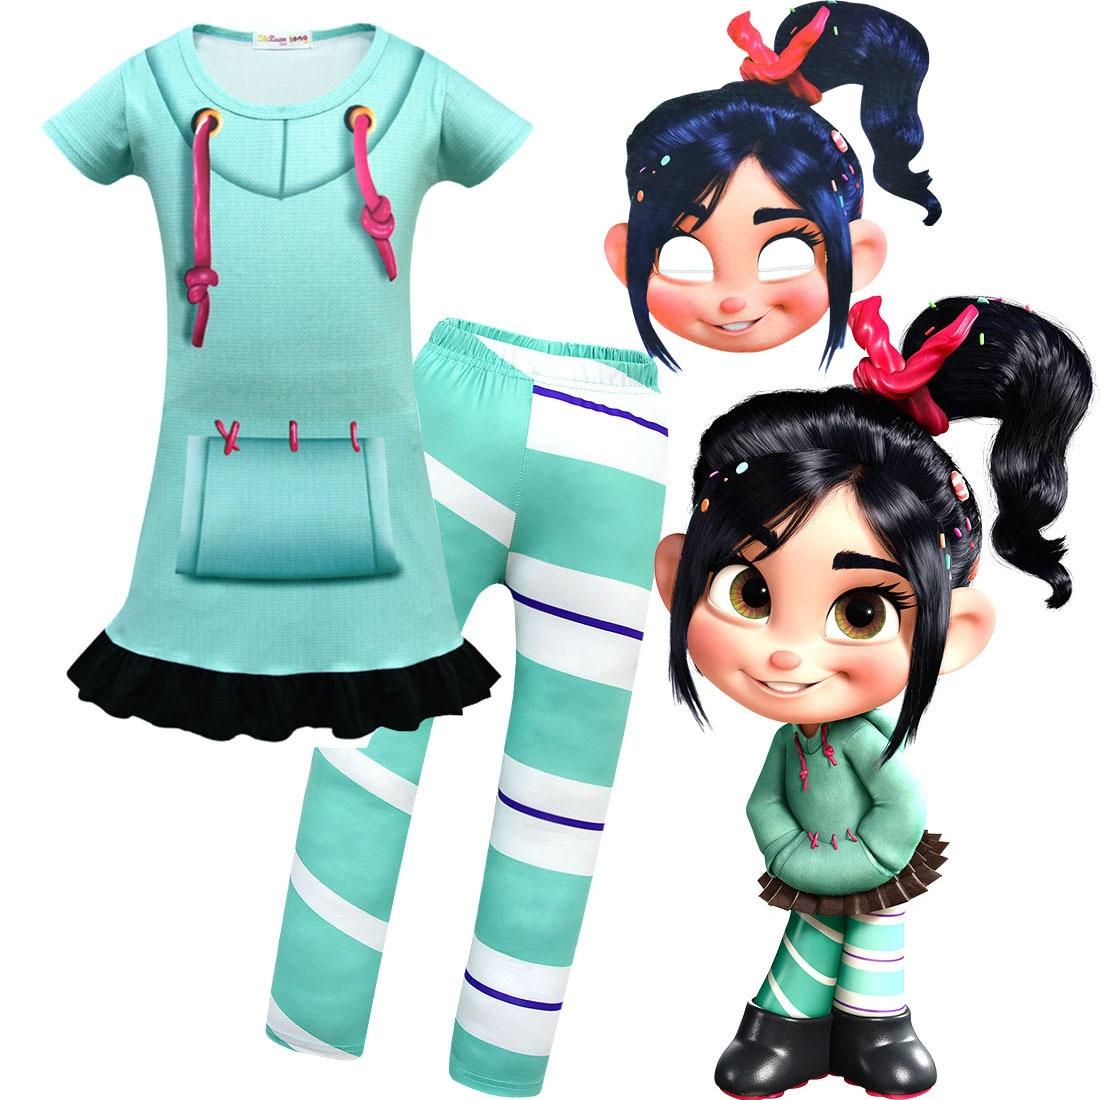 las-chicas-wreck-it-ralph-2-ropa-vanellope-von-schweetz-vocaloid-cosplay-disfraz-de-halloween-vestido-de-los-ninos-pantalones-conjuntos-de-ropa-para-chica